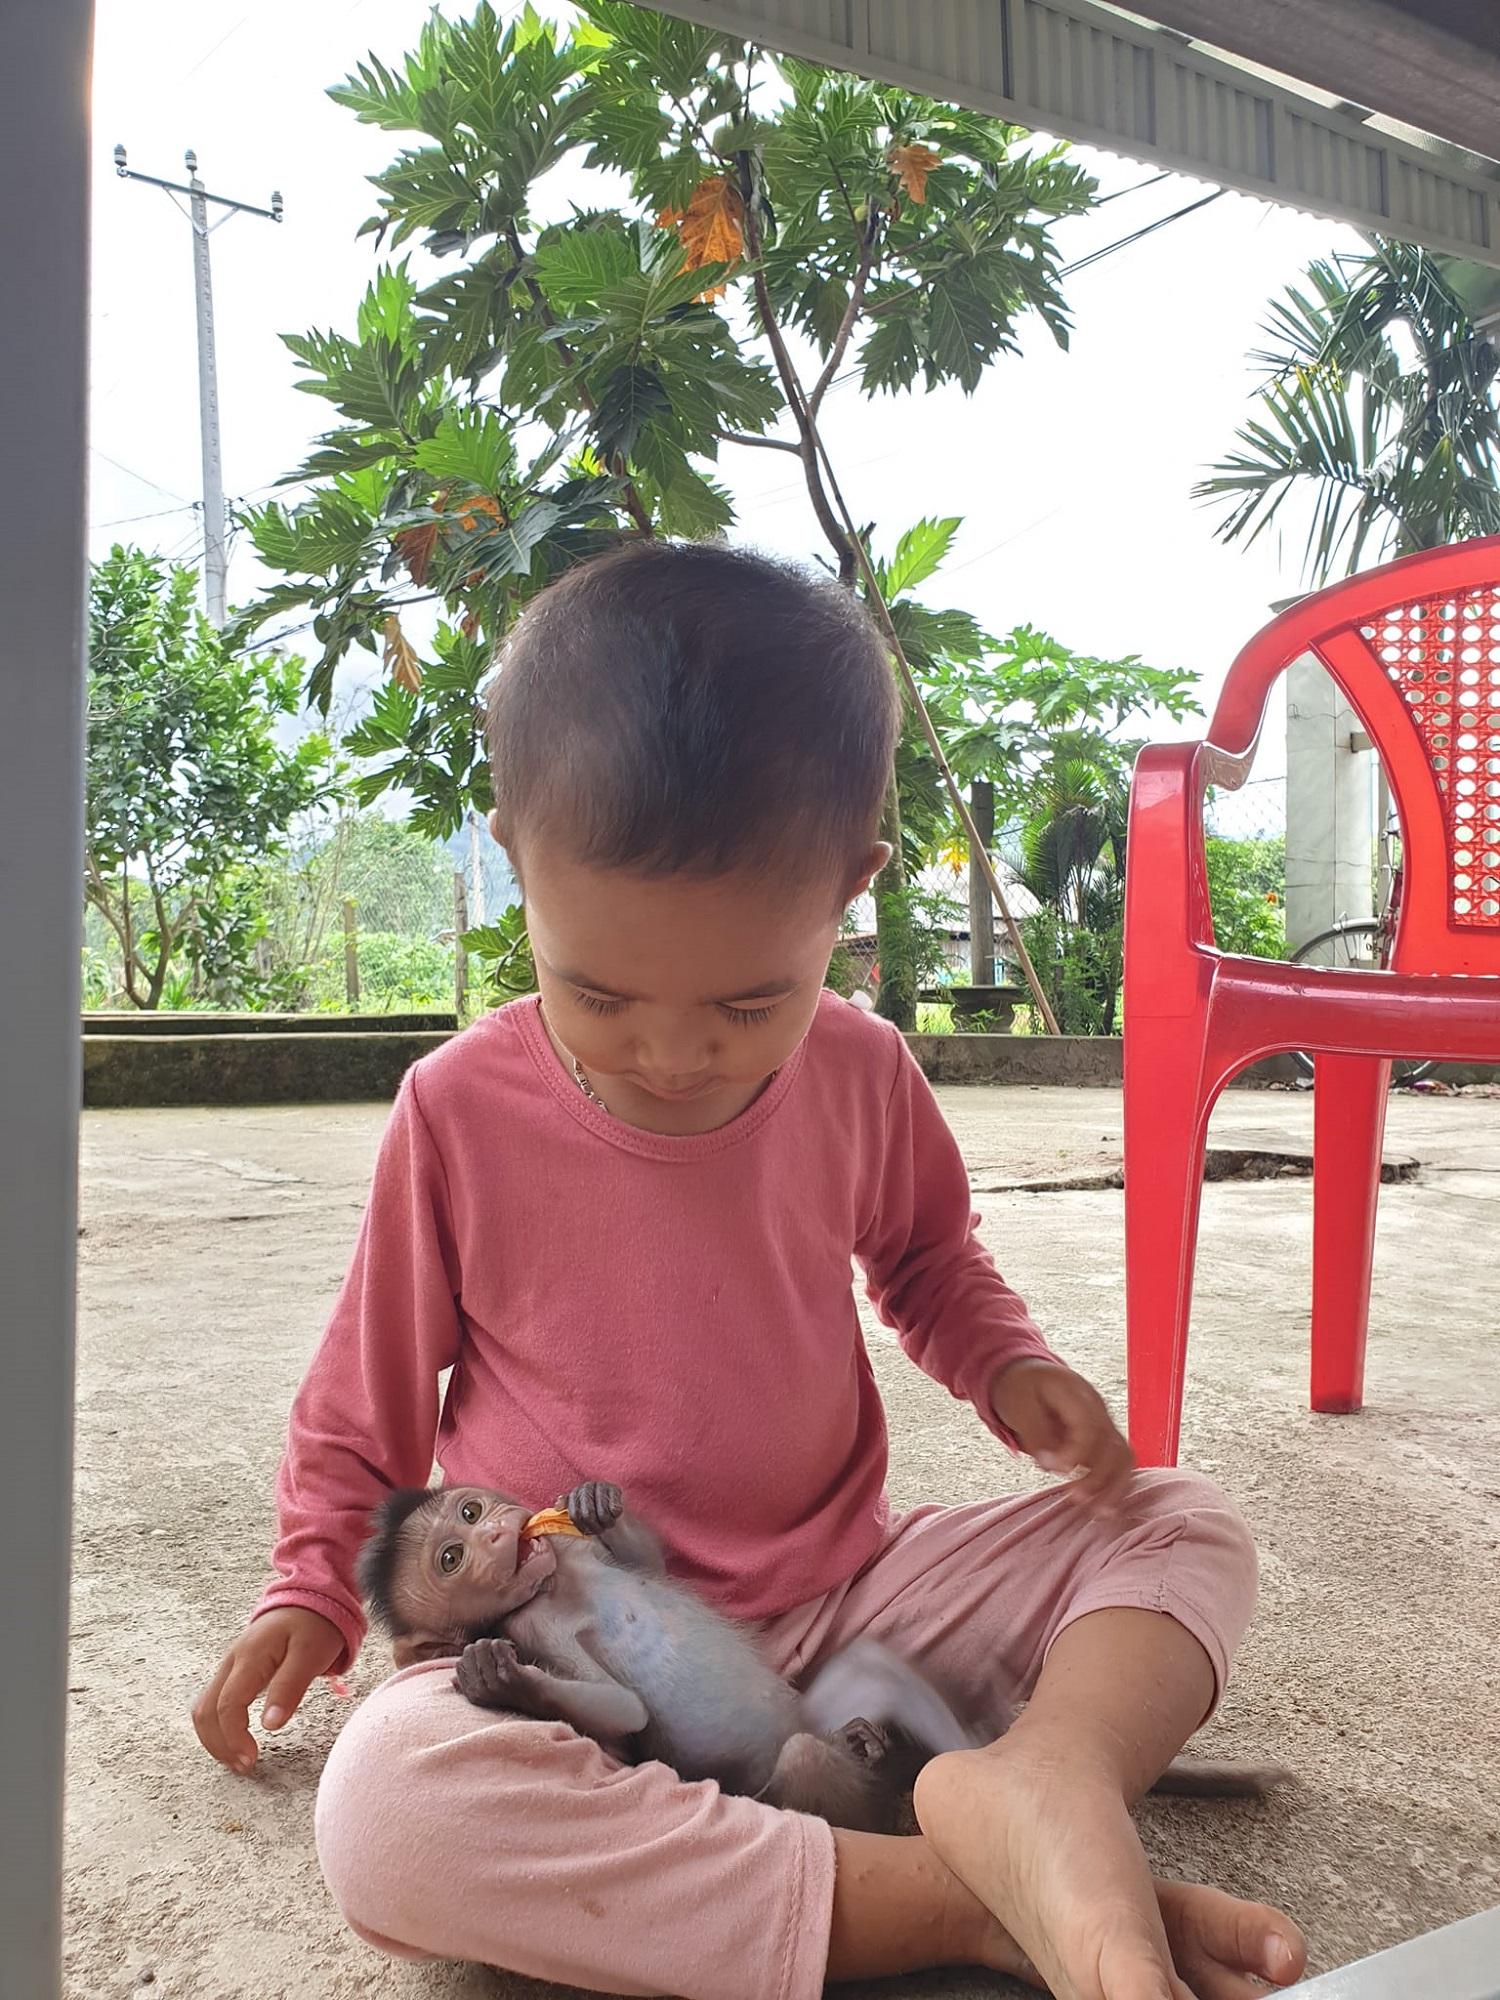 Chó vàng hay khỉ con đều là những con vật được gia đình chuộc hoặc chữa bệnh trong suốt hành trình. Ảnh: NVCC.